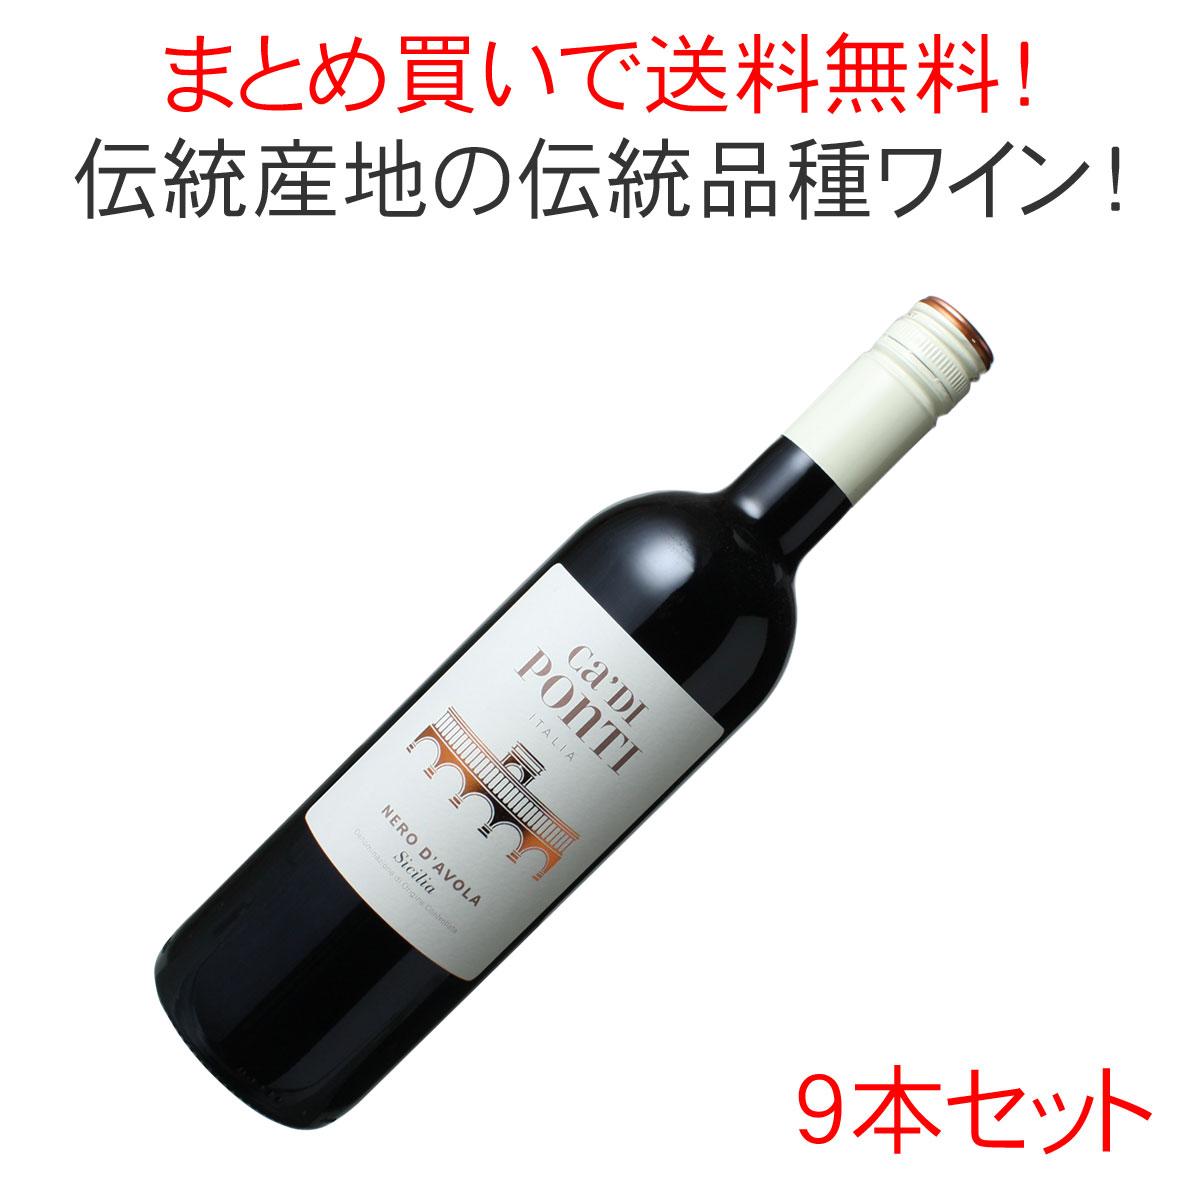 【送料無料】カディ・ポンティ ネロ・ダーヴォラ NV アドリア・ヴィーニ 1ケース9本セット <赤> <ワイン/イタリア>